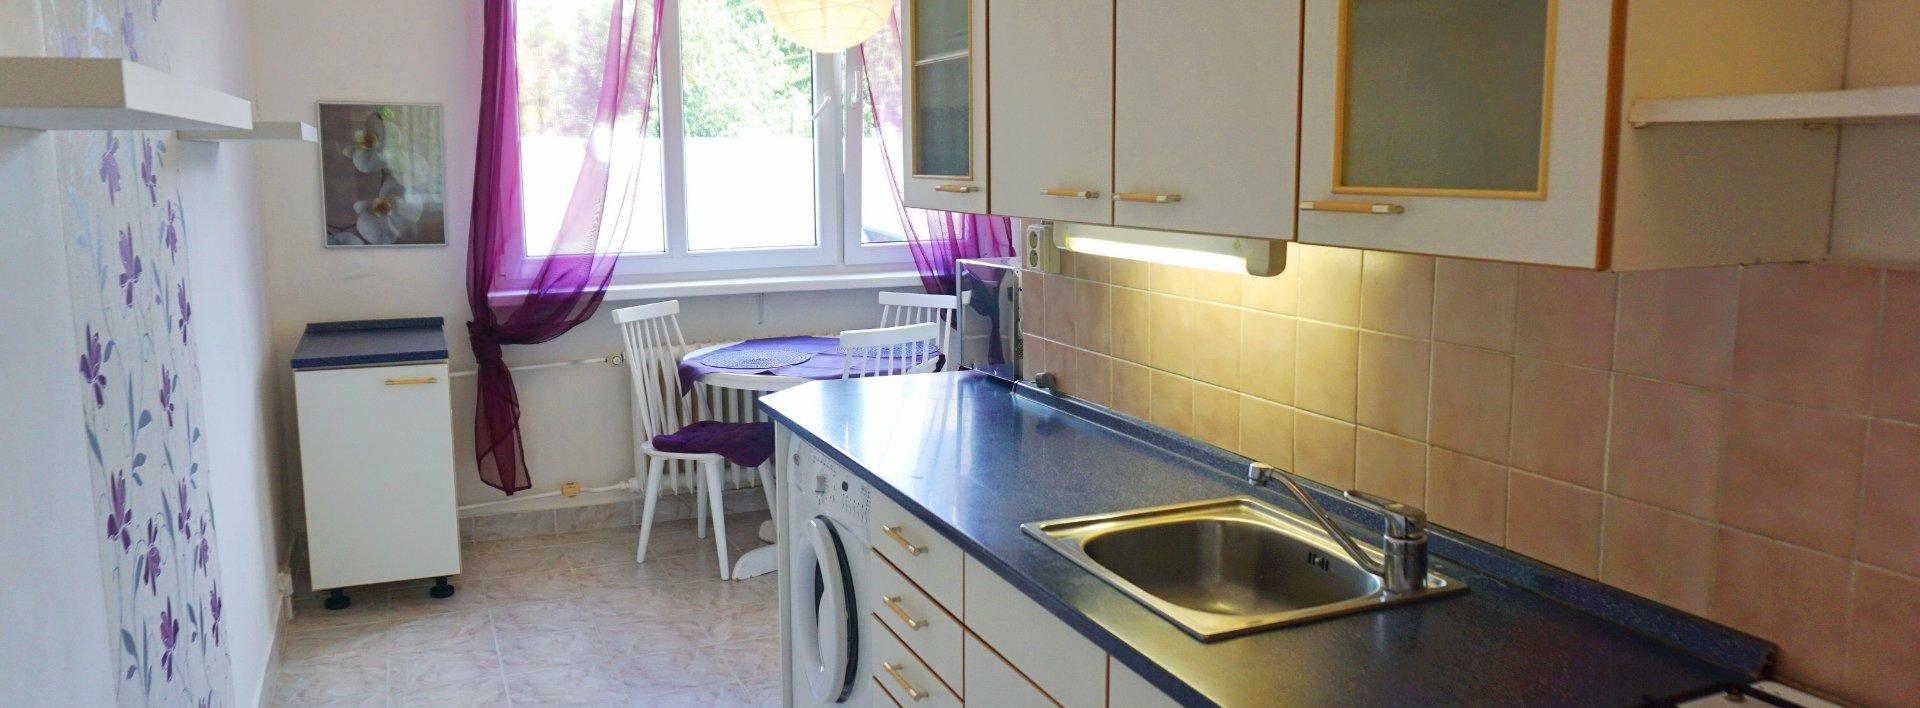 Pronájem slunného zařízeného bytu 2+1, 53 m² - Aloisina výšina Liberec, Ev.č.: N48852